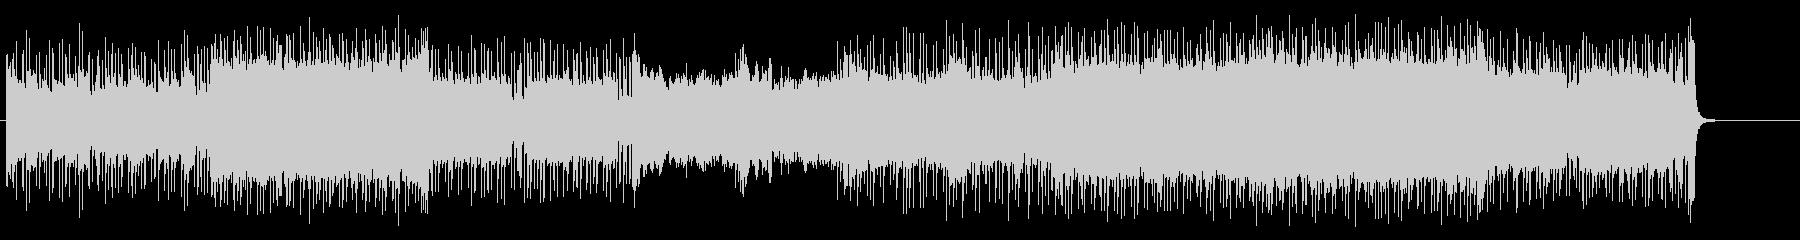 ロック系、未来へ、エール BGM72の未再生の波形